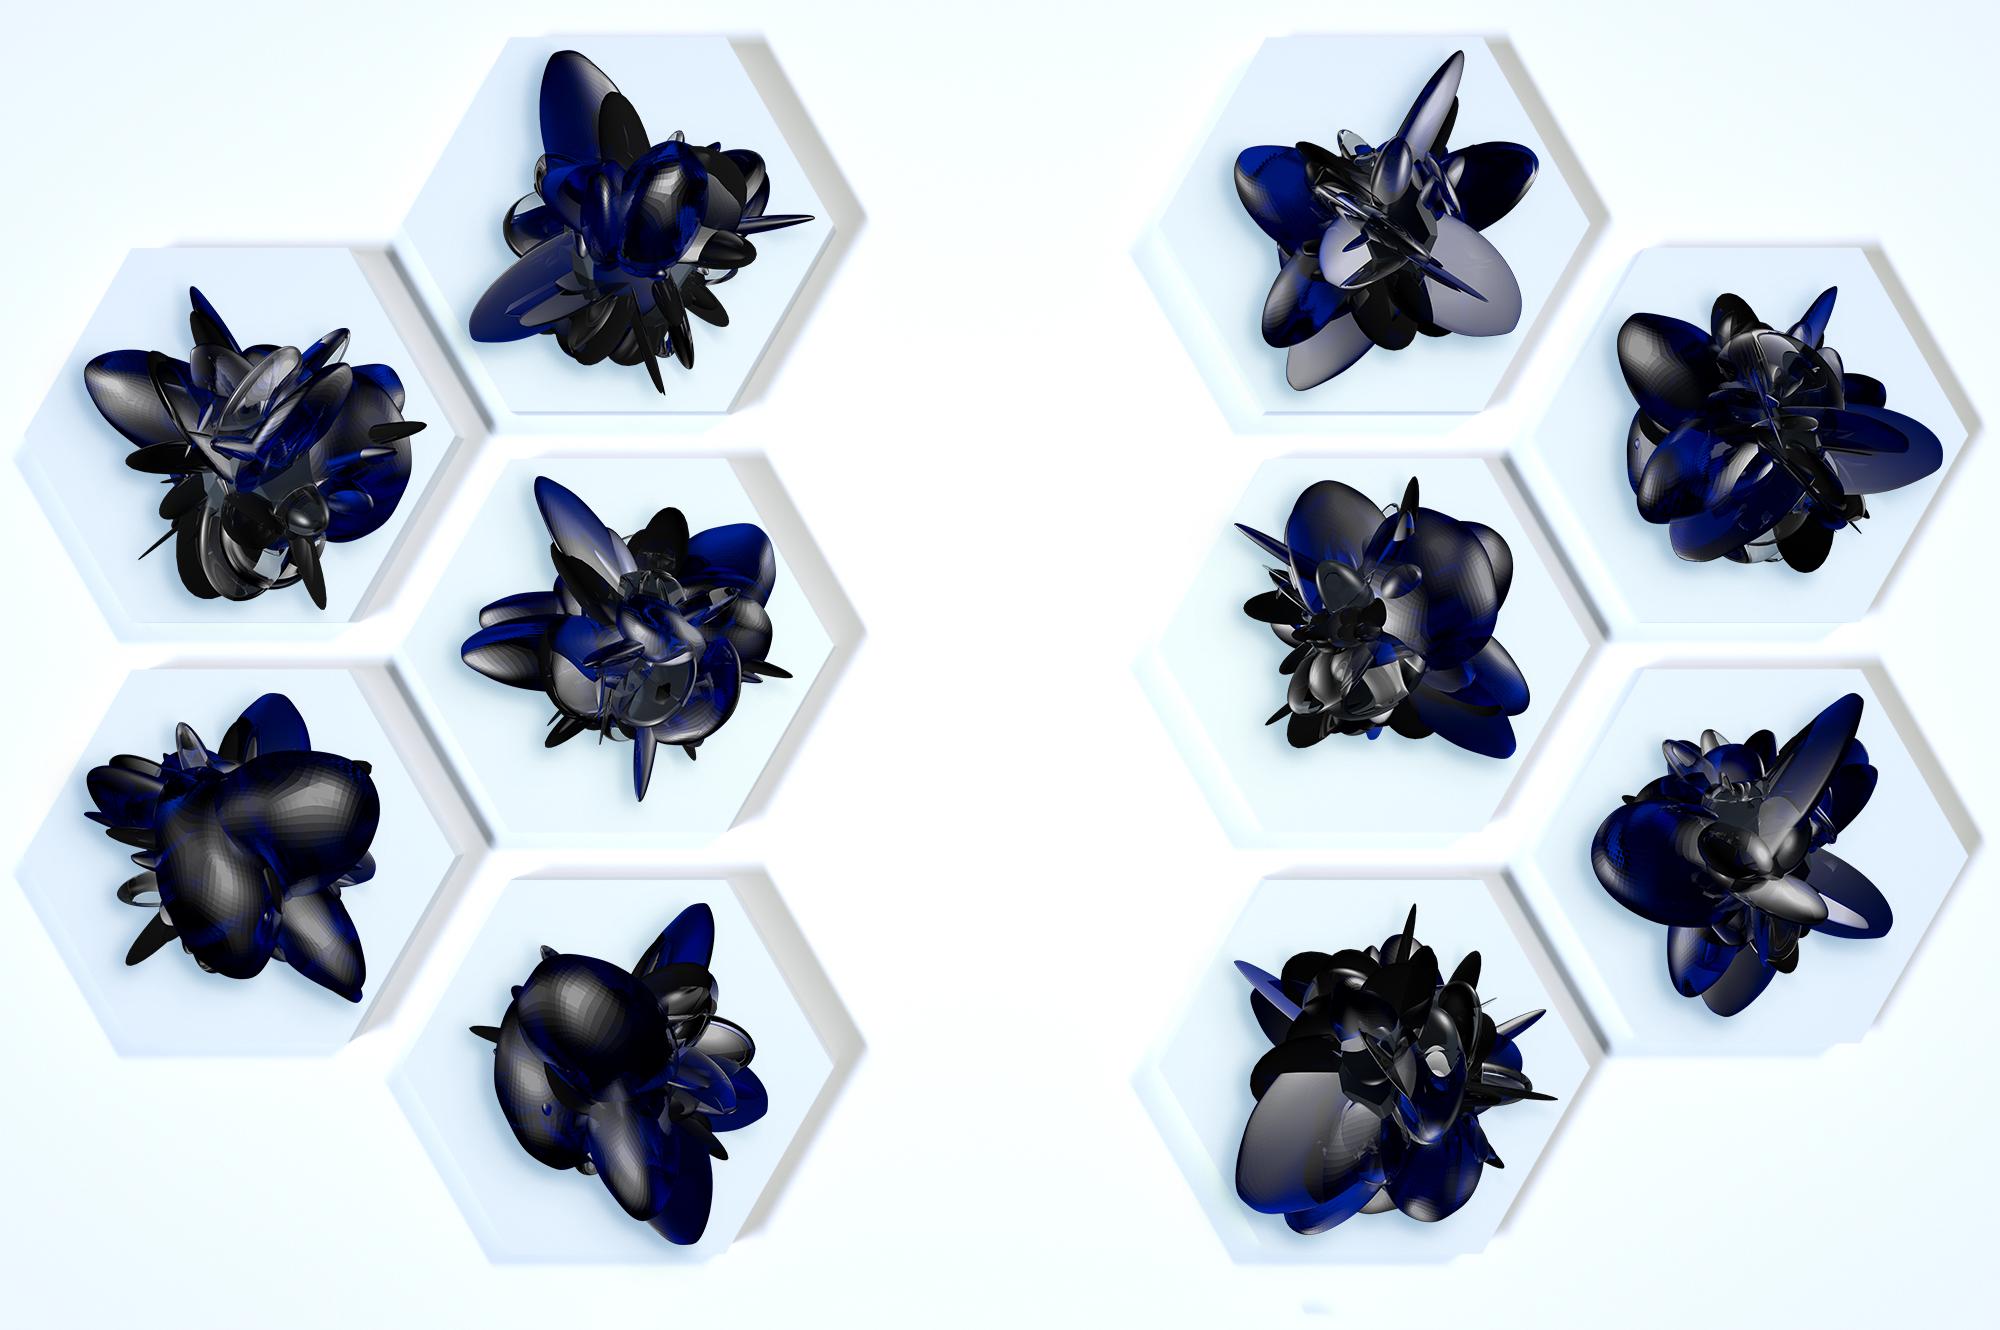 Crystal|Azbuka|Alphabet example image 19